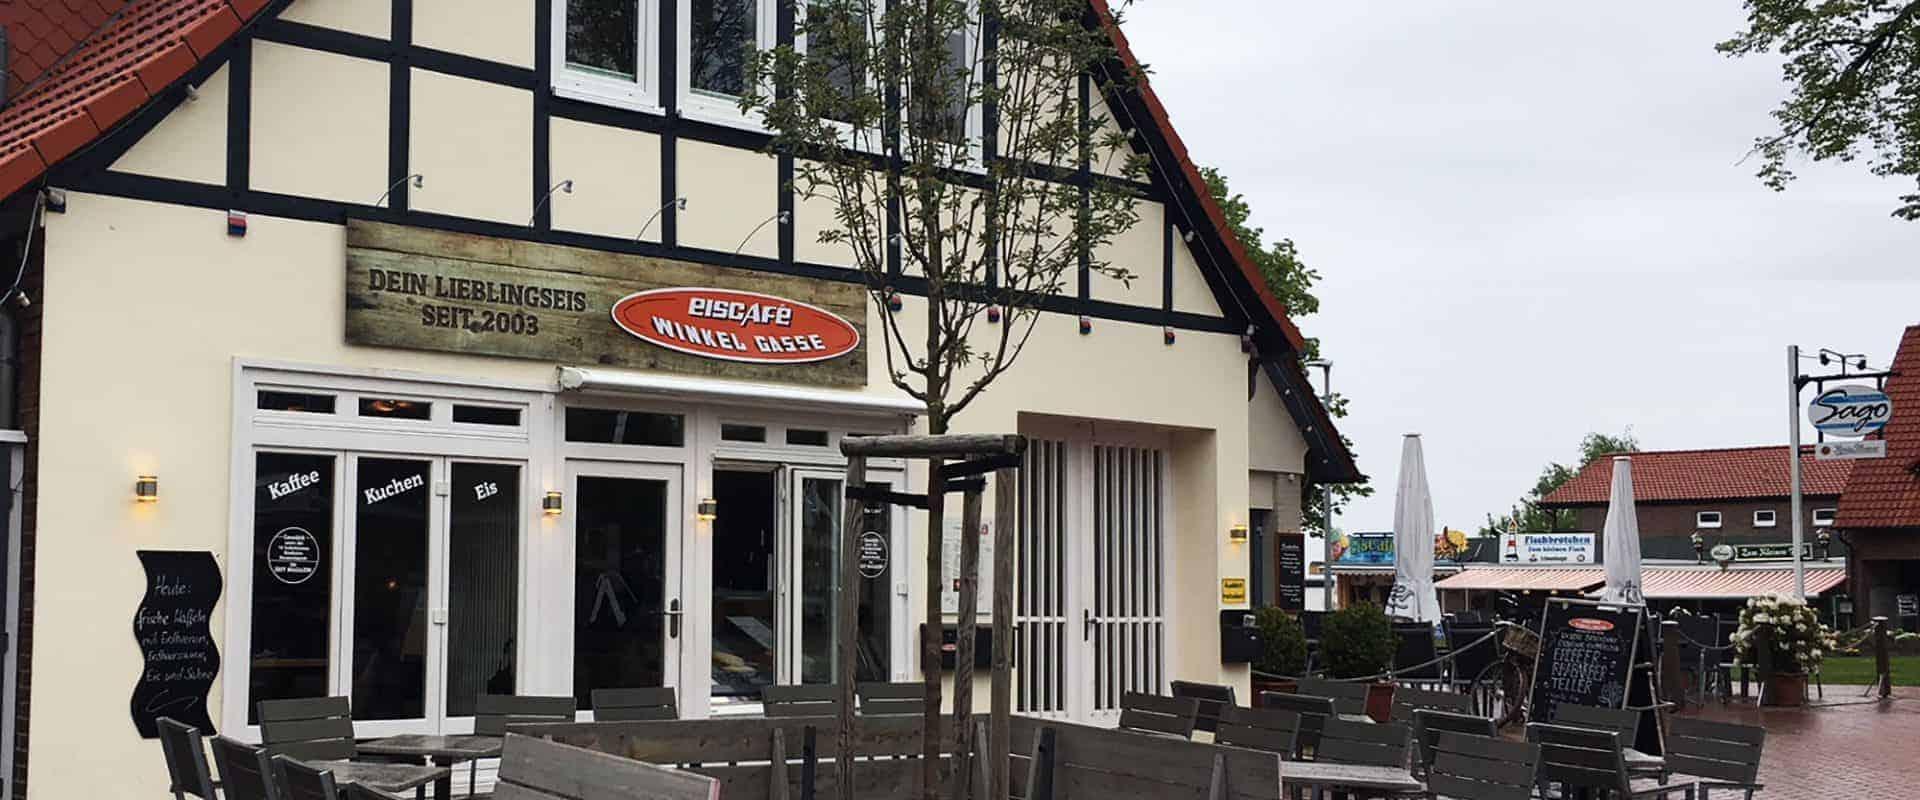 dreist Werbeagentur GmbH & Co. KG - dreist alles Werbung.